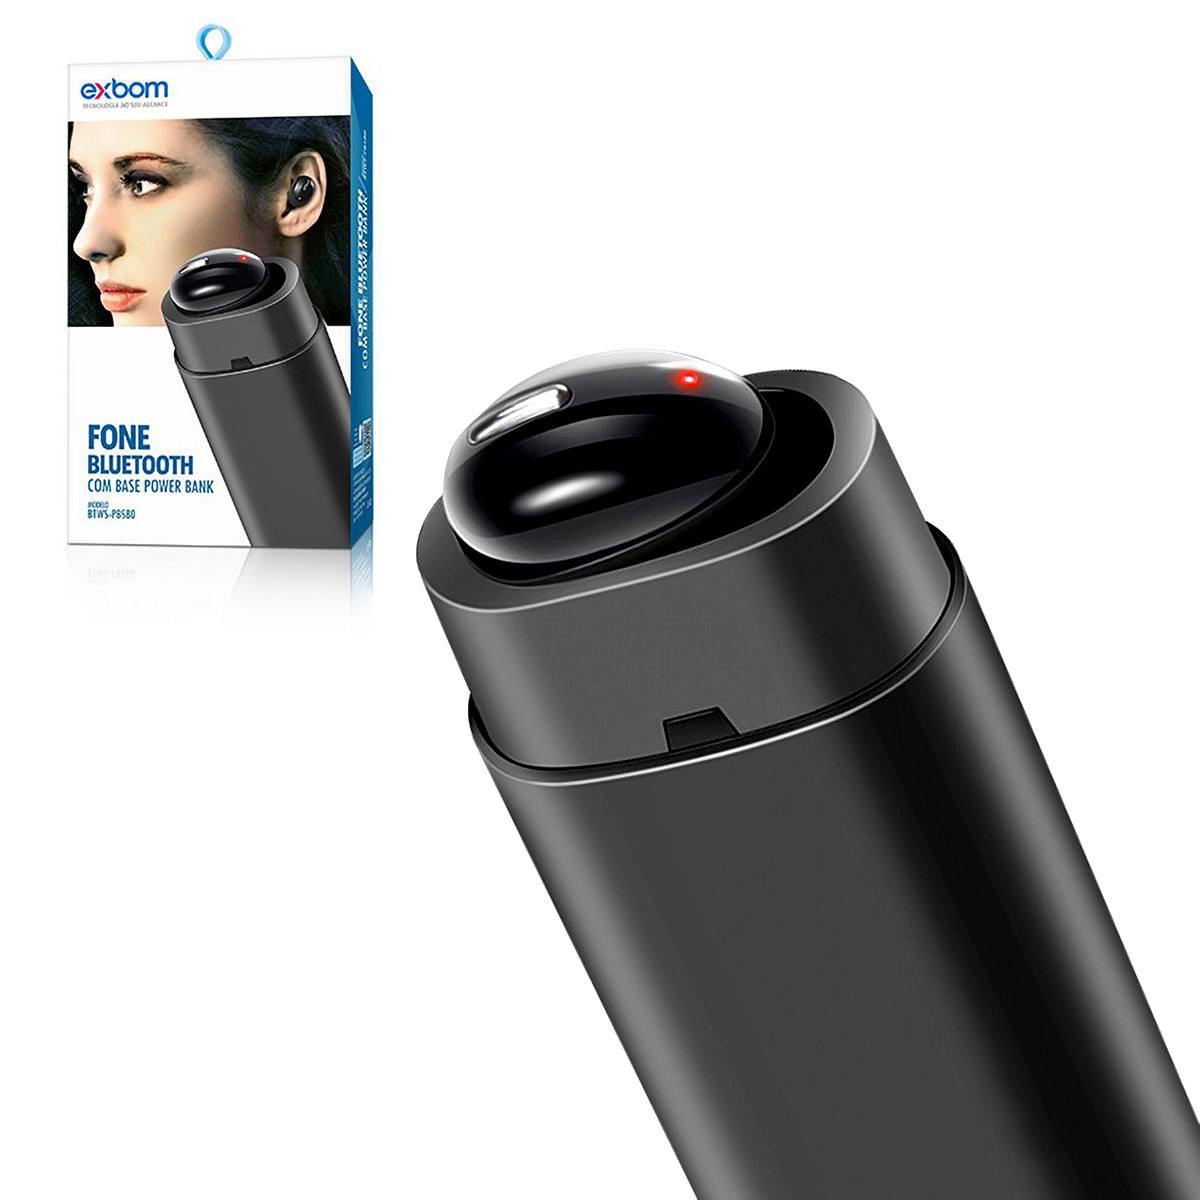 Fone Bluetooth com Base Power Bank para Carregamento Inpods Earbuds 2 em 1 Exbom BTWS-PBS80